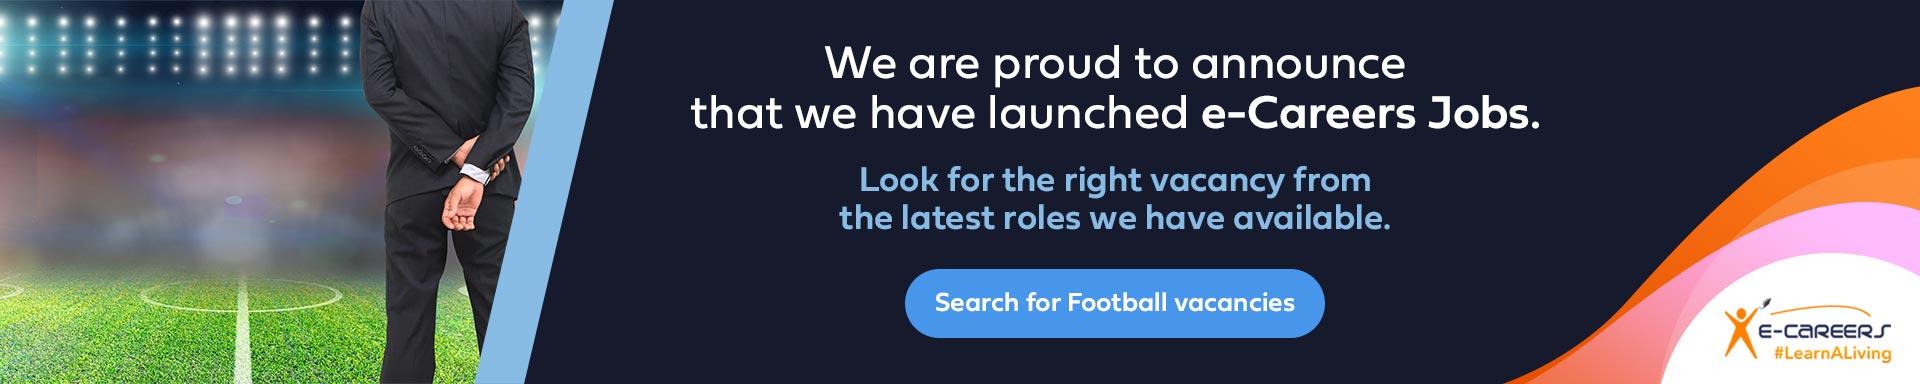 Football vacancies